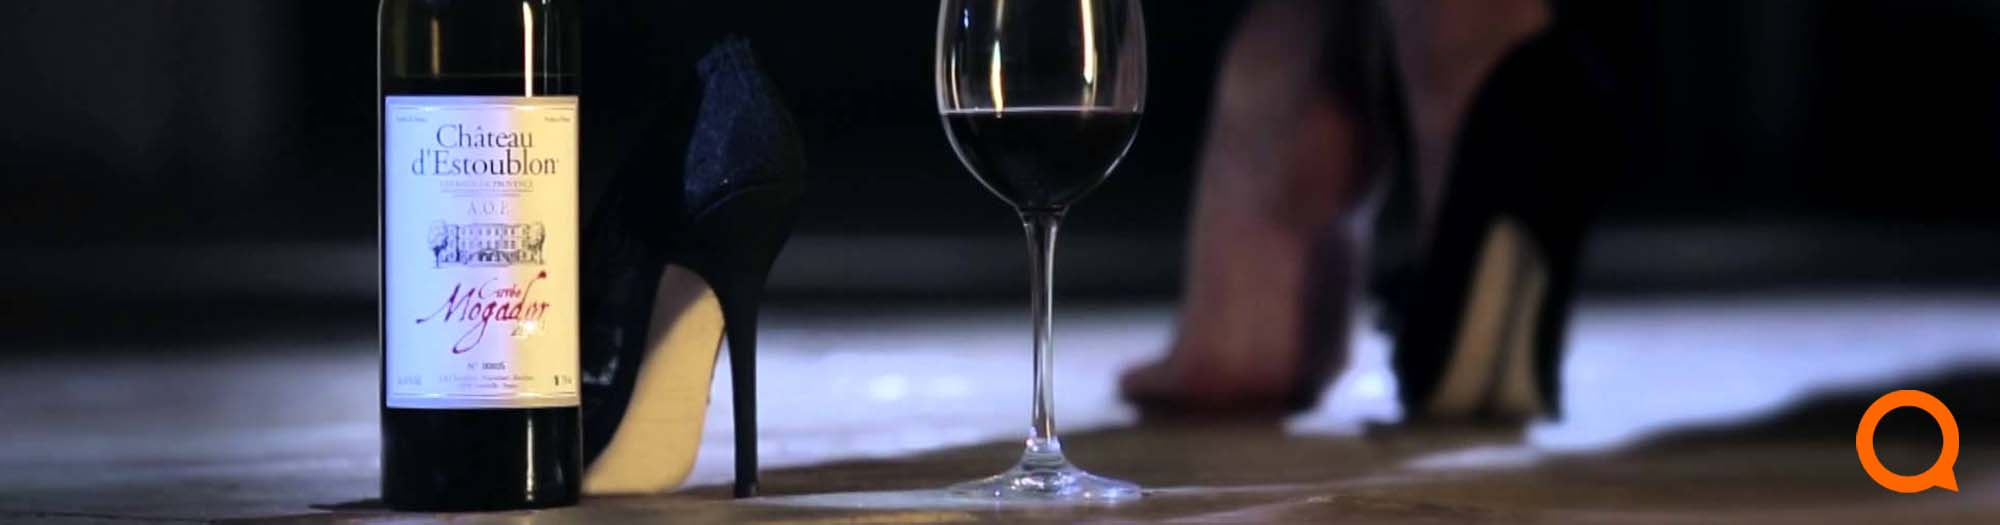 Soort wijn - Vol wit